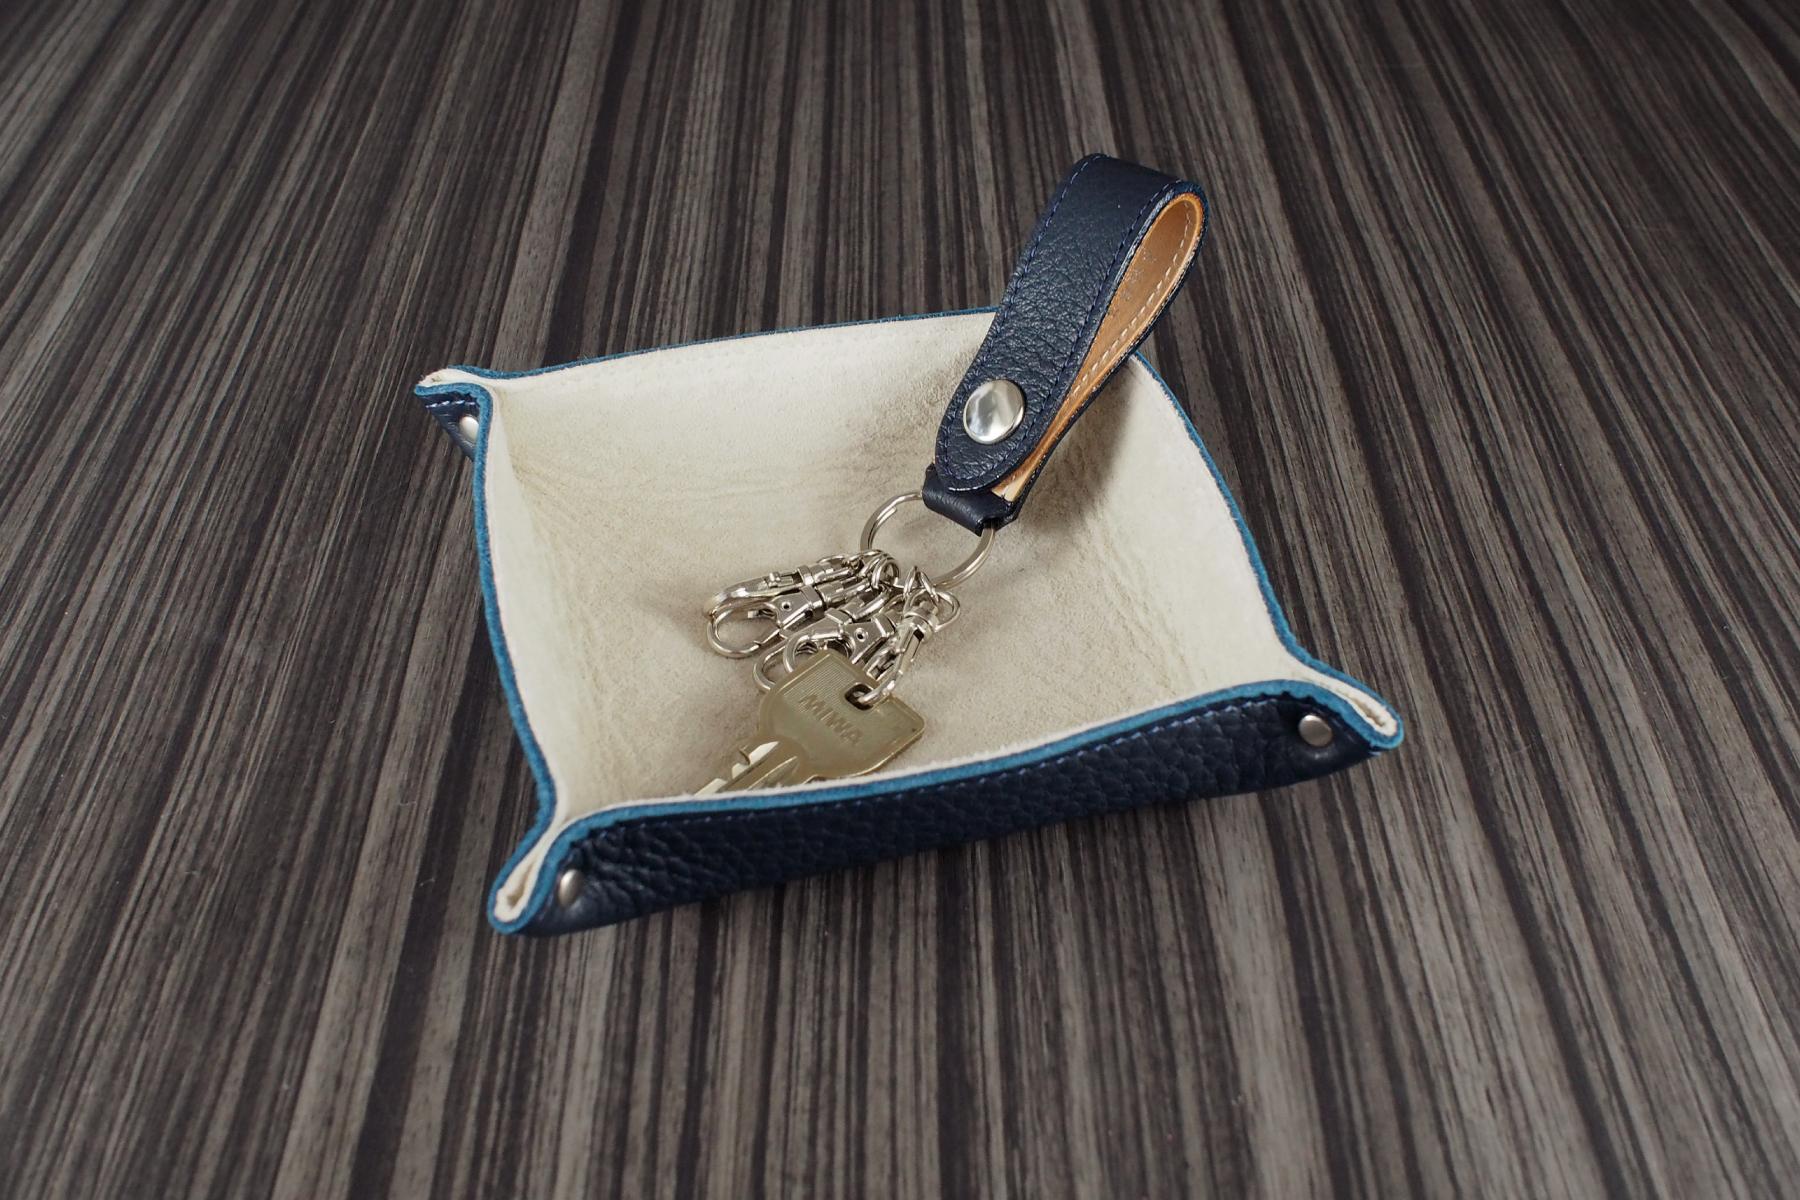 本革製キーホルダー・イタリアン仕様のネイビー